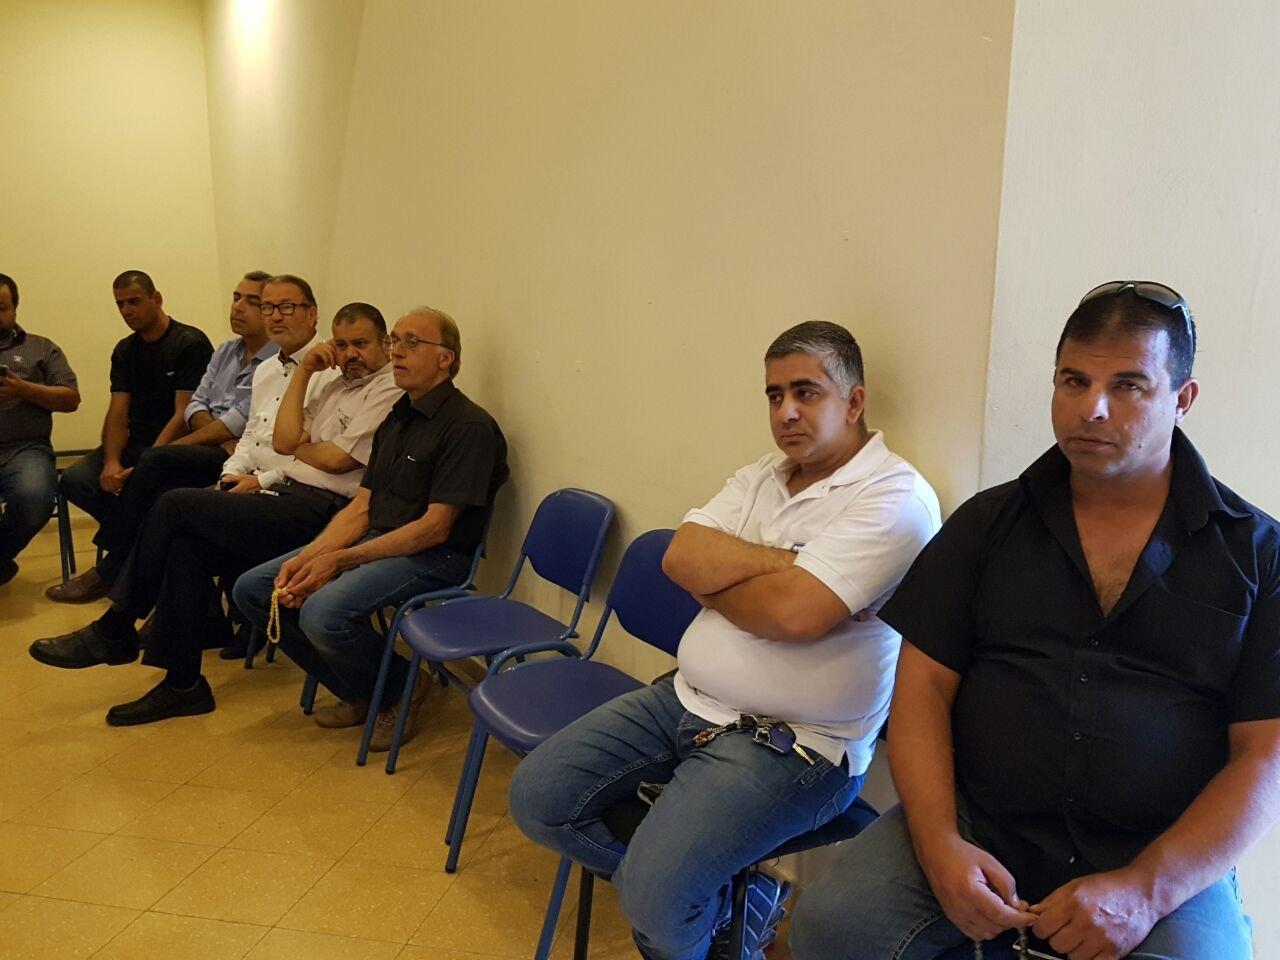 كفرقاسم تعلن الإضراب في المدارس لمحاربة العنف